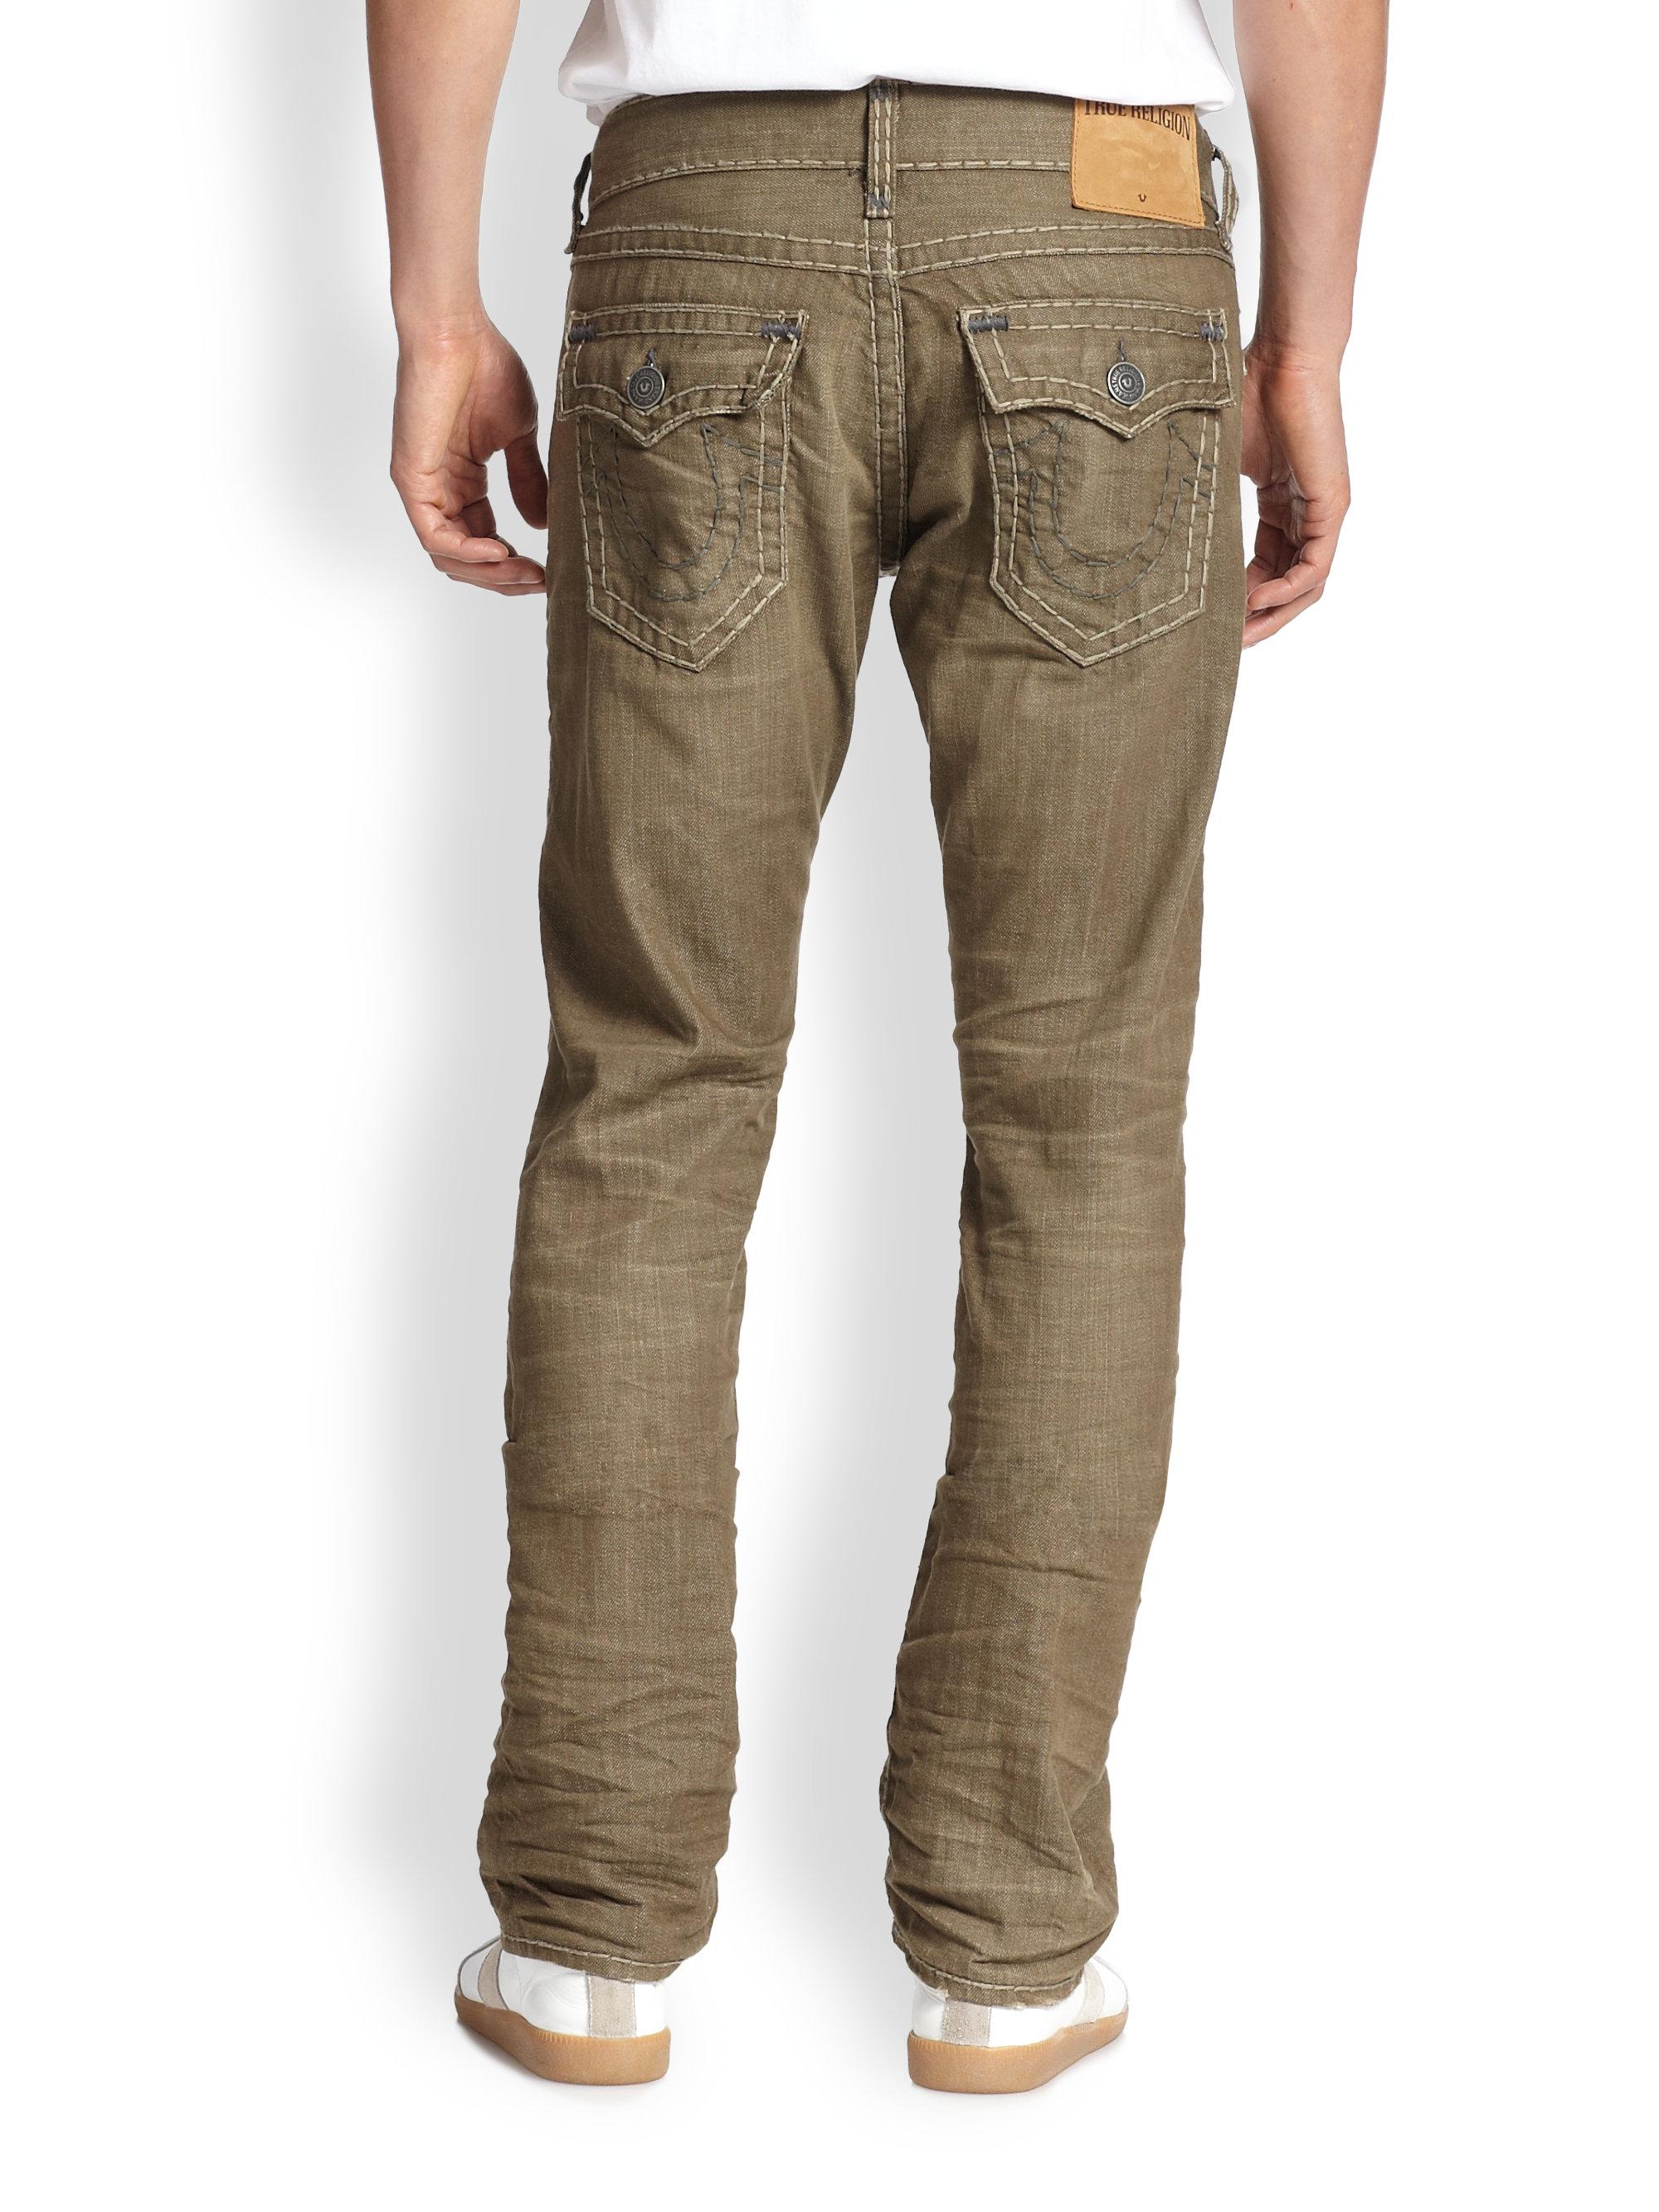 Tru Religion Jeans For Men